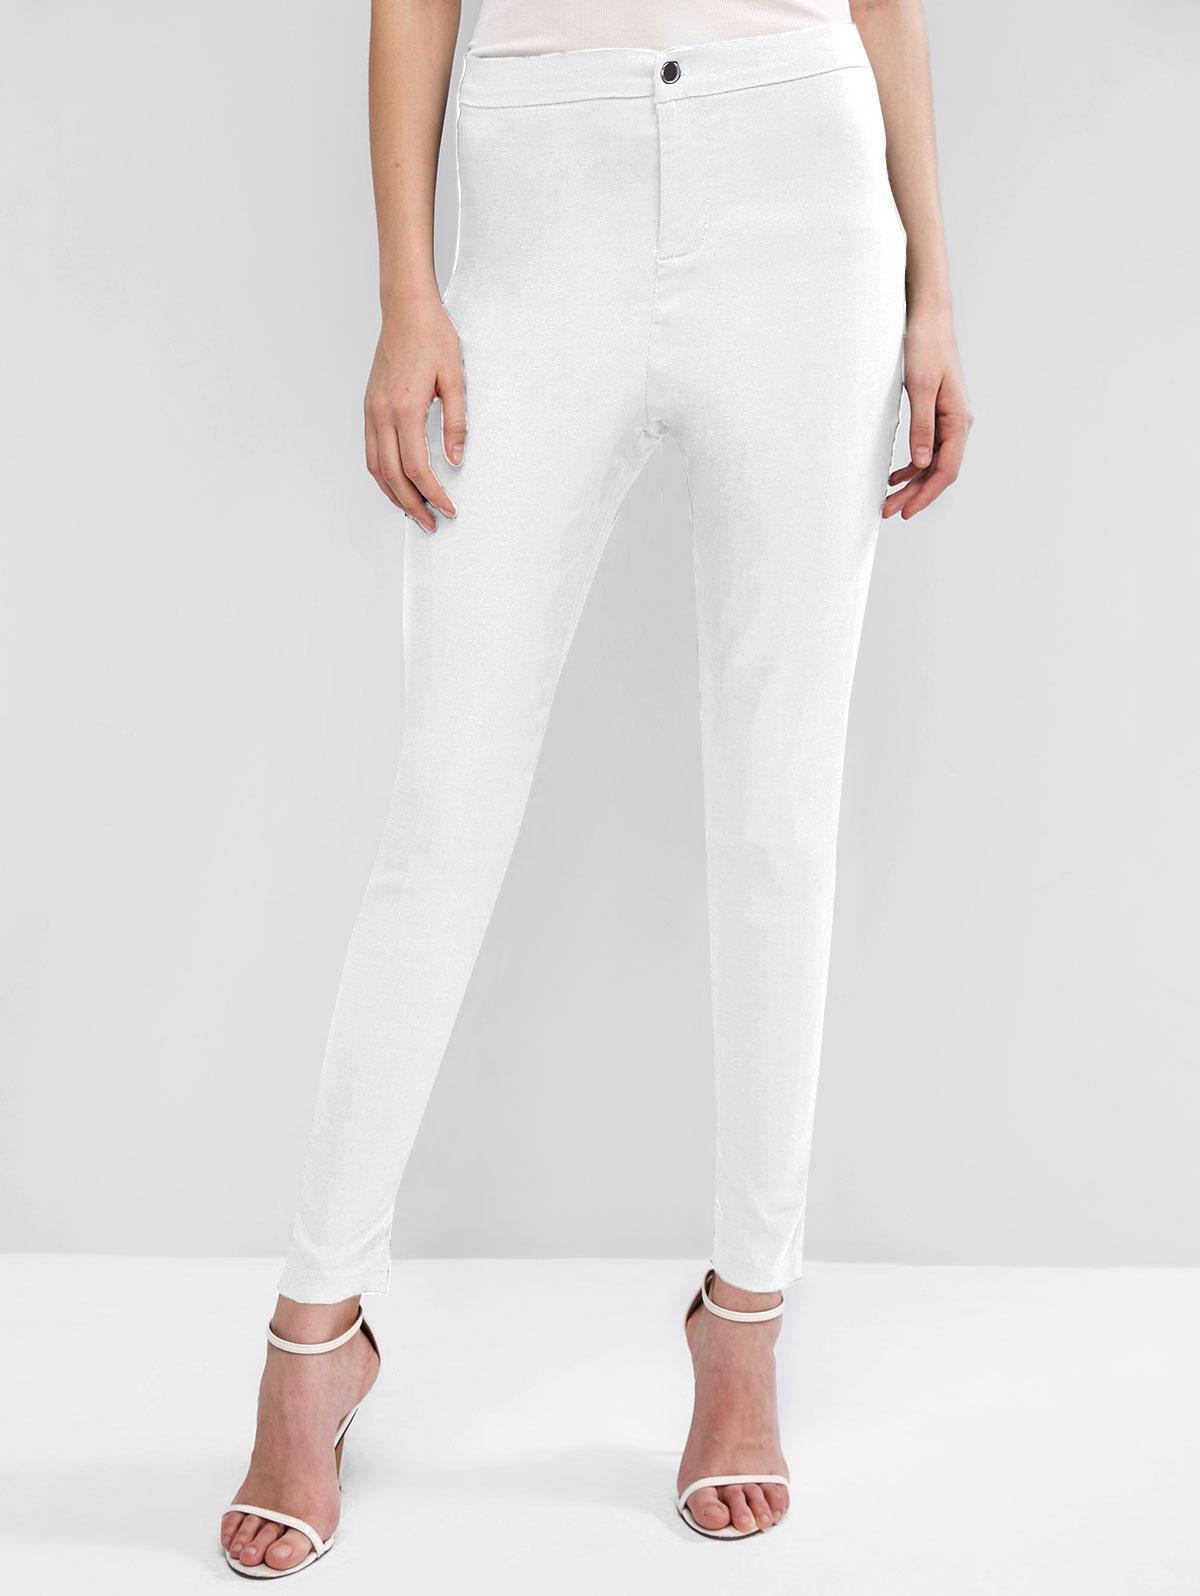 High Waisted Pocket Skinny Pants